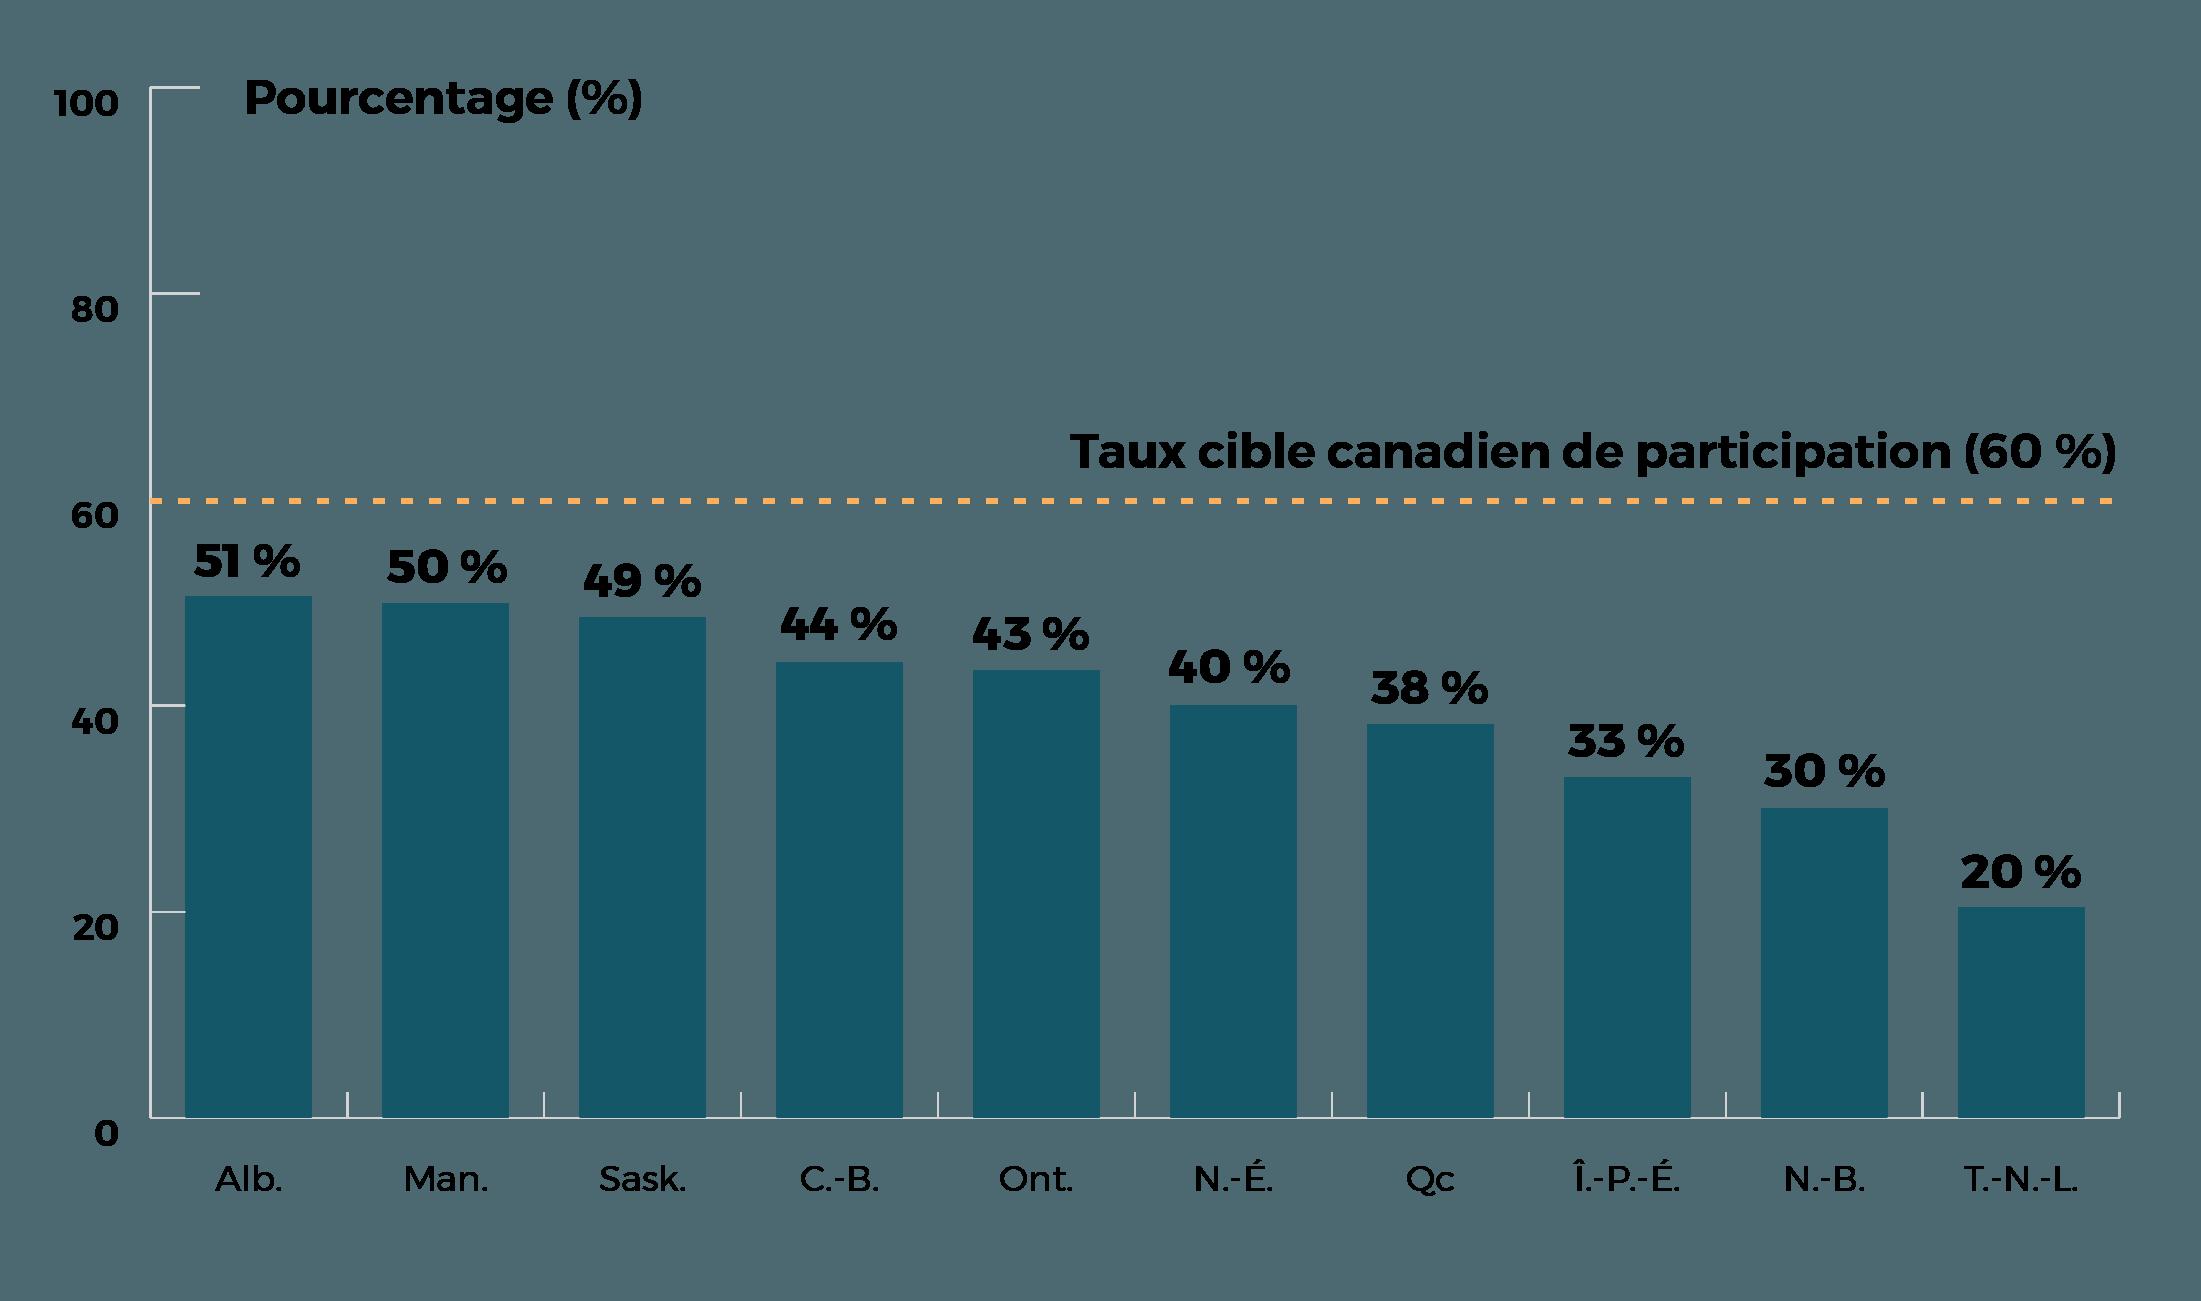 Taux de participation AB 51%, MB 50%, SK 49%, BC 44%, ON 43%, NS 40%, QC 38%, PE 33%, NB 30%, NL 20%